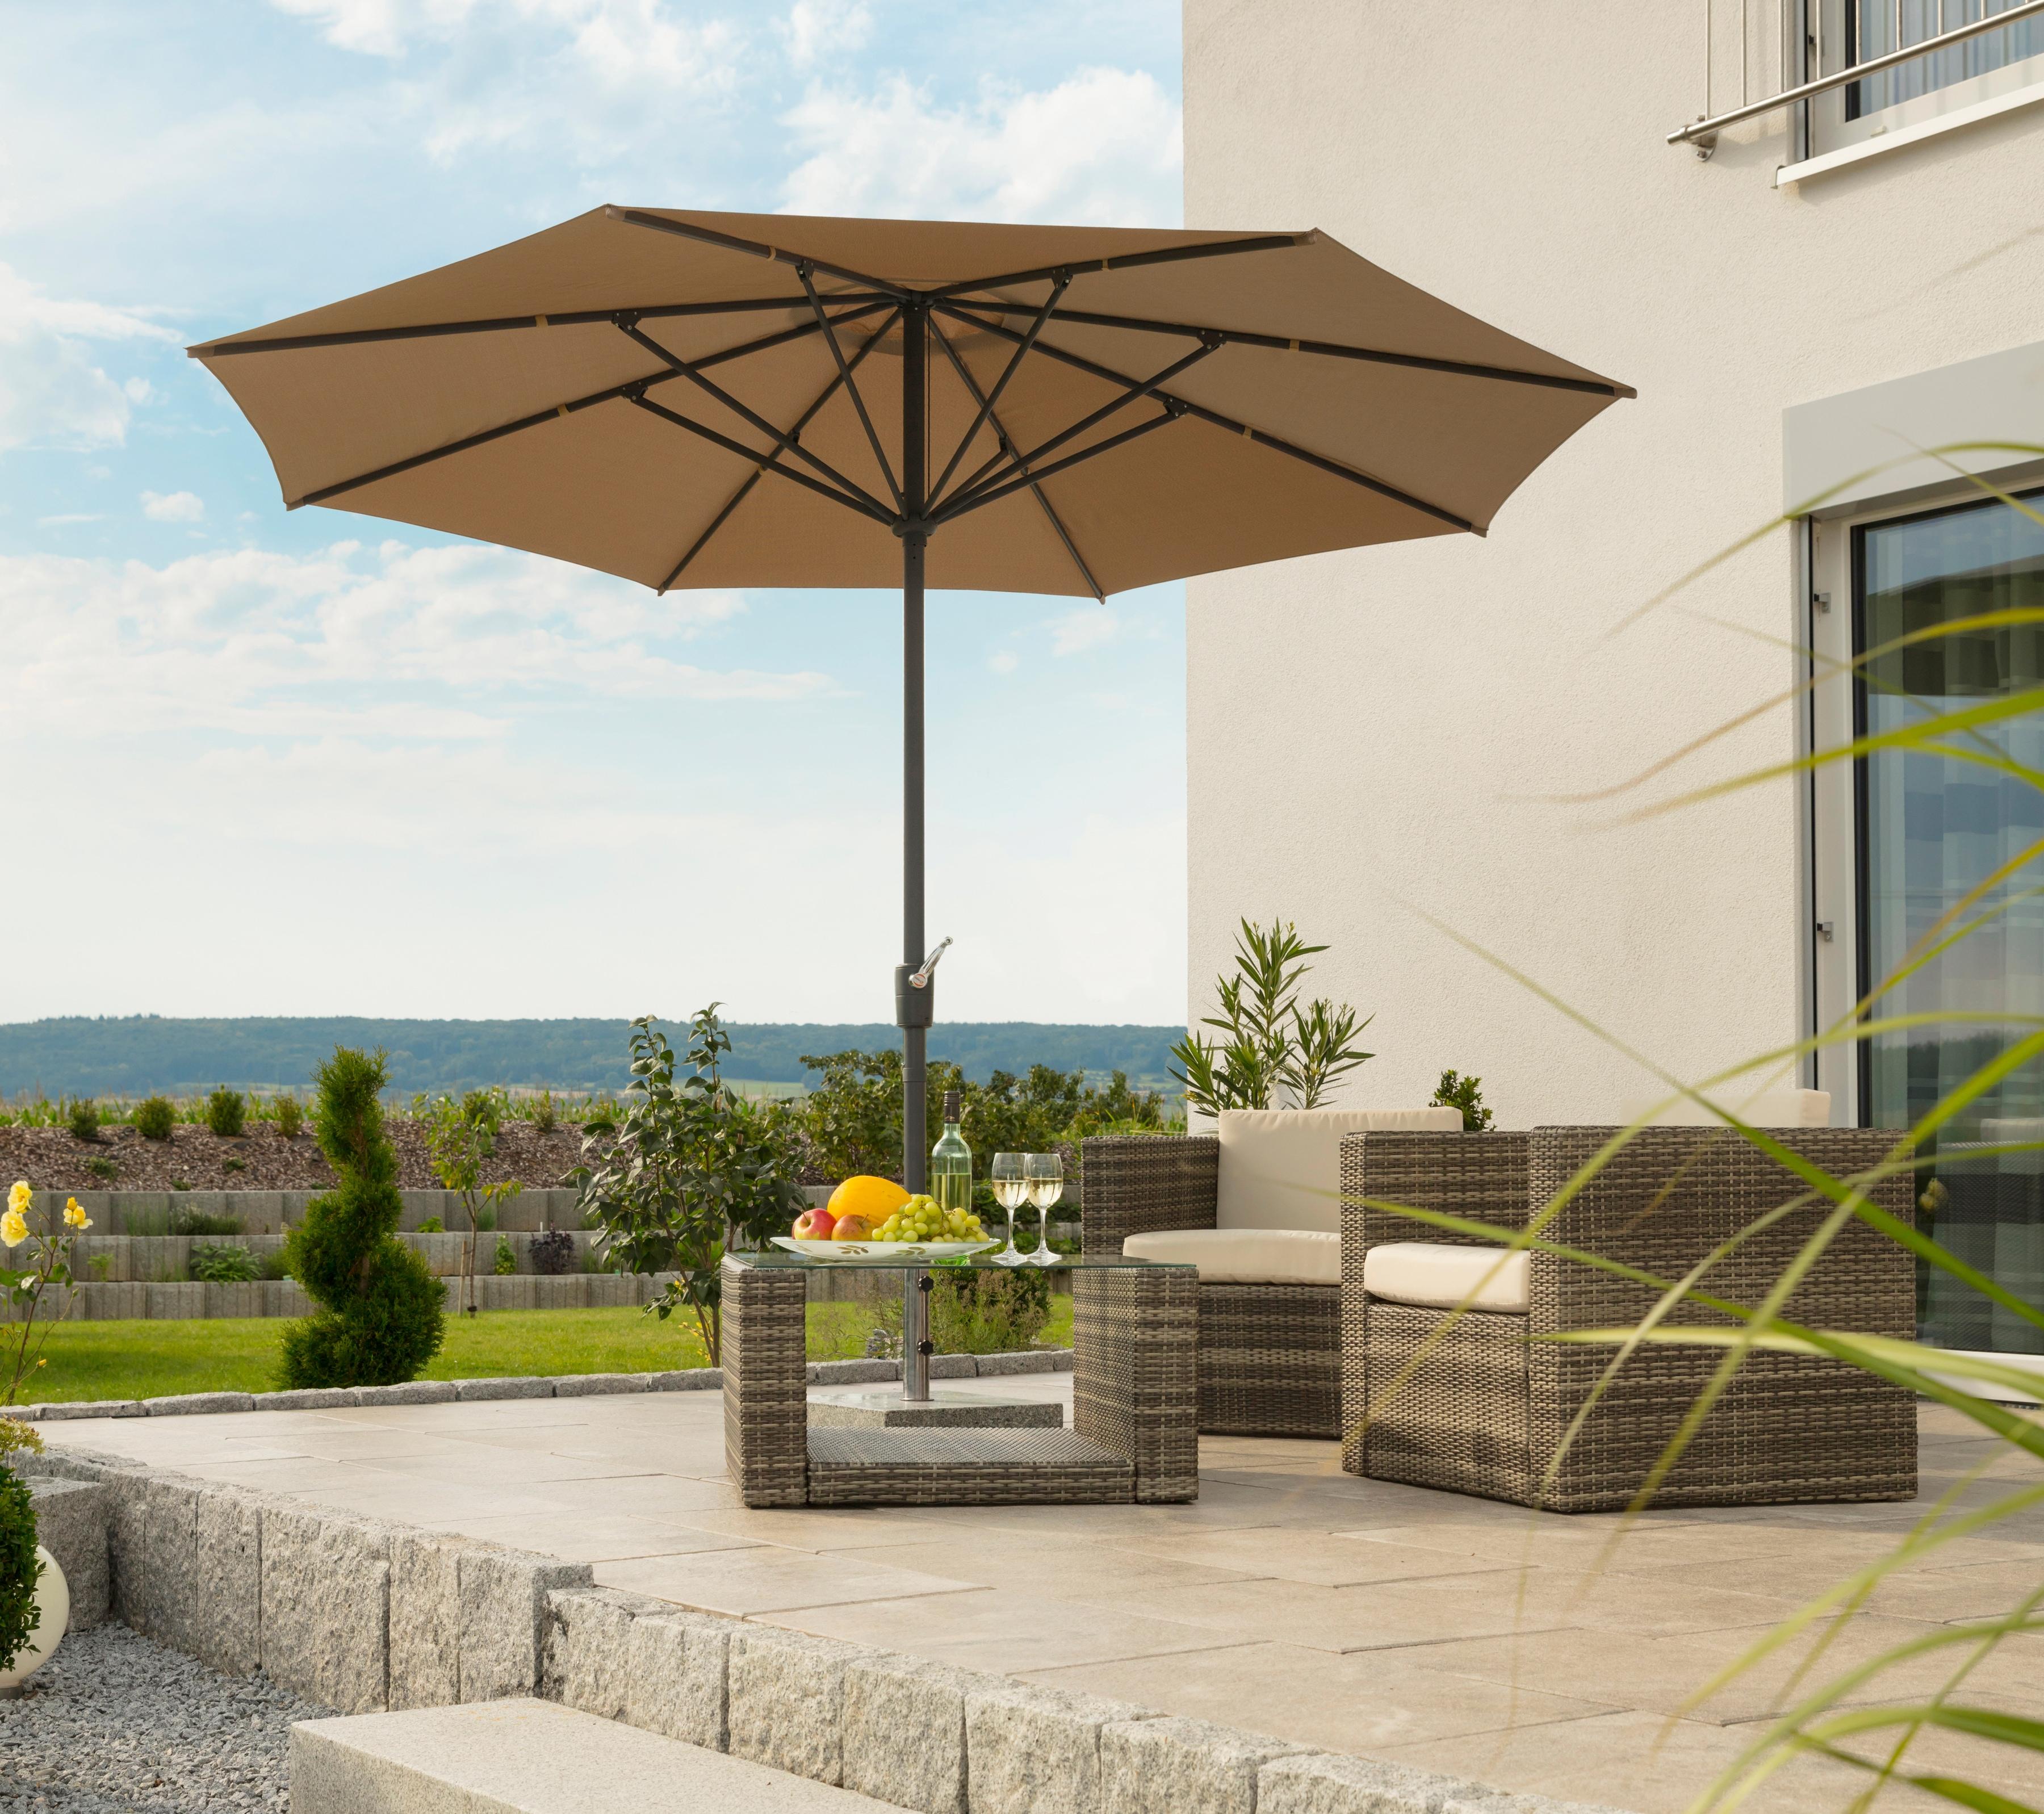 Schneider Schirme Sonnenschirm Korsika, ohne Schirmständer beige Sonnenschirme -segel Gartenmöbel Gartendeko